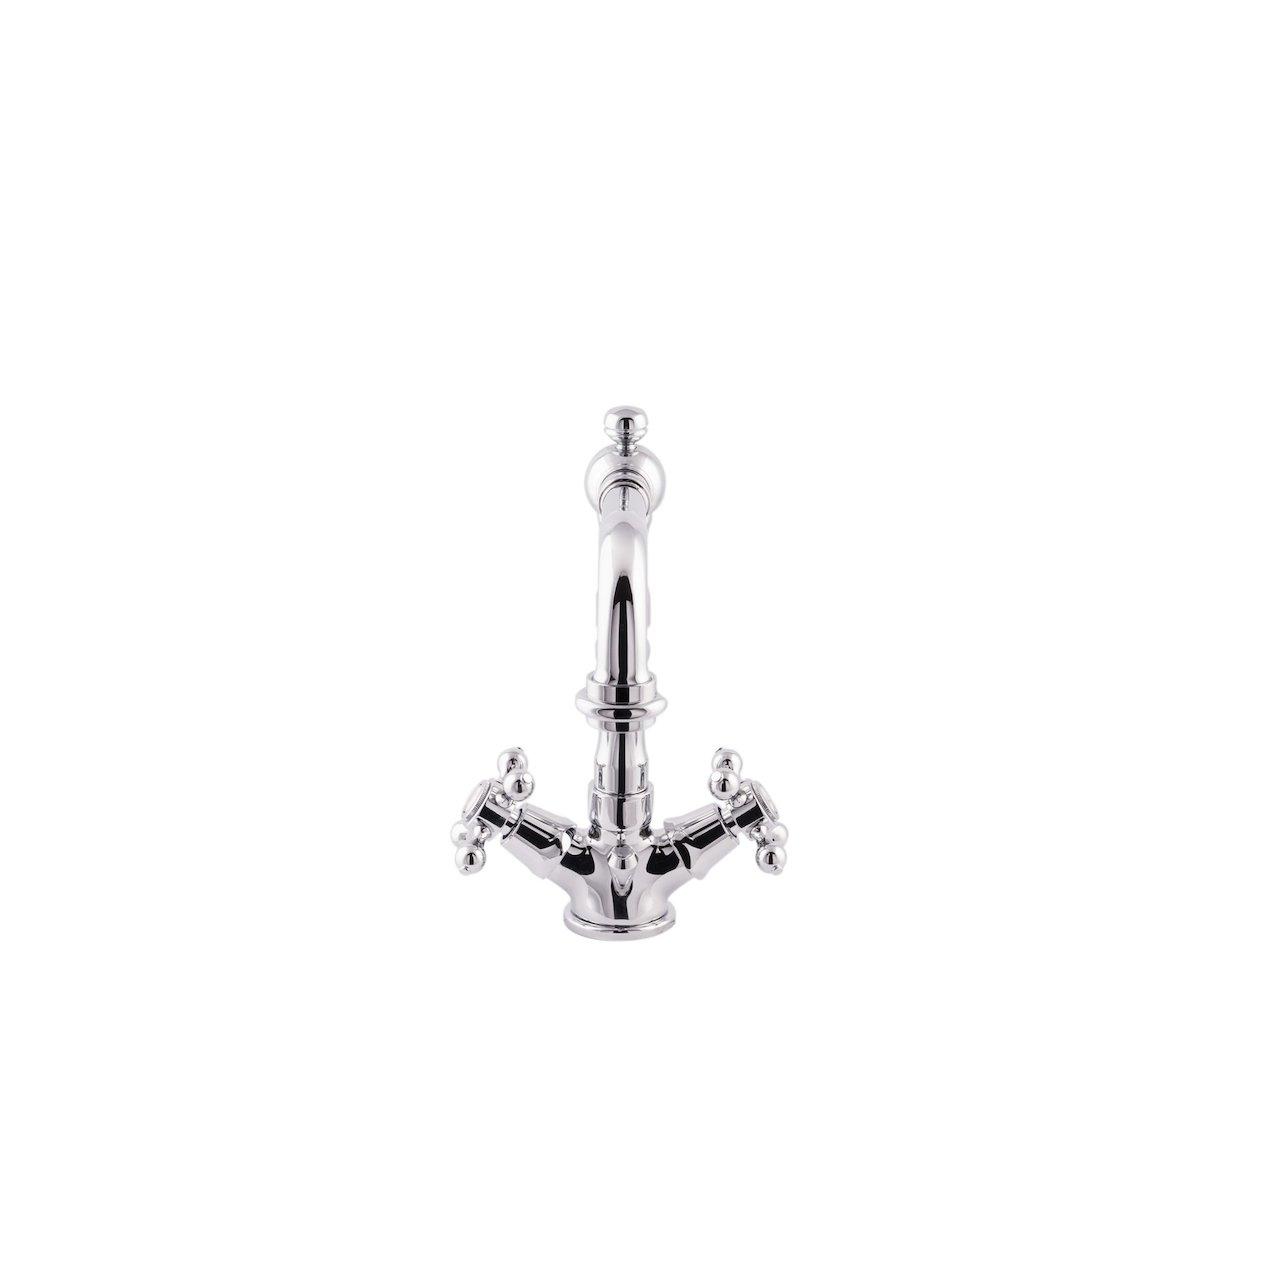 Single outlet faucet Camelot - 360 - 0